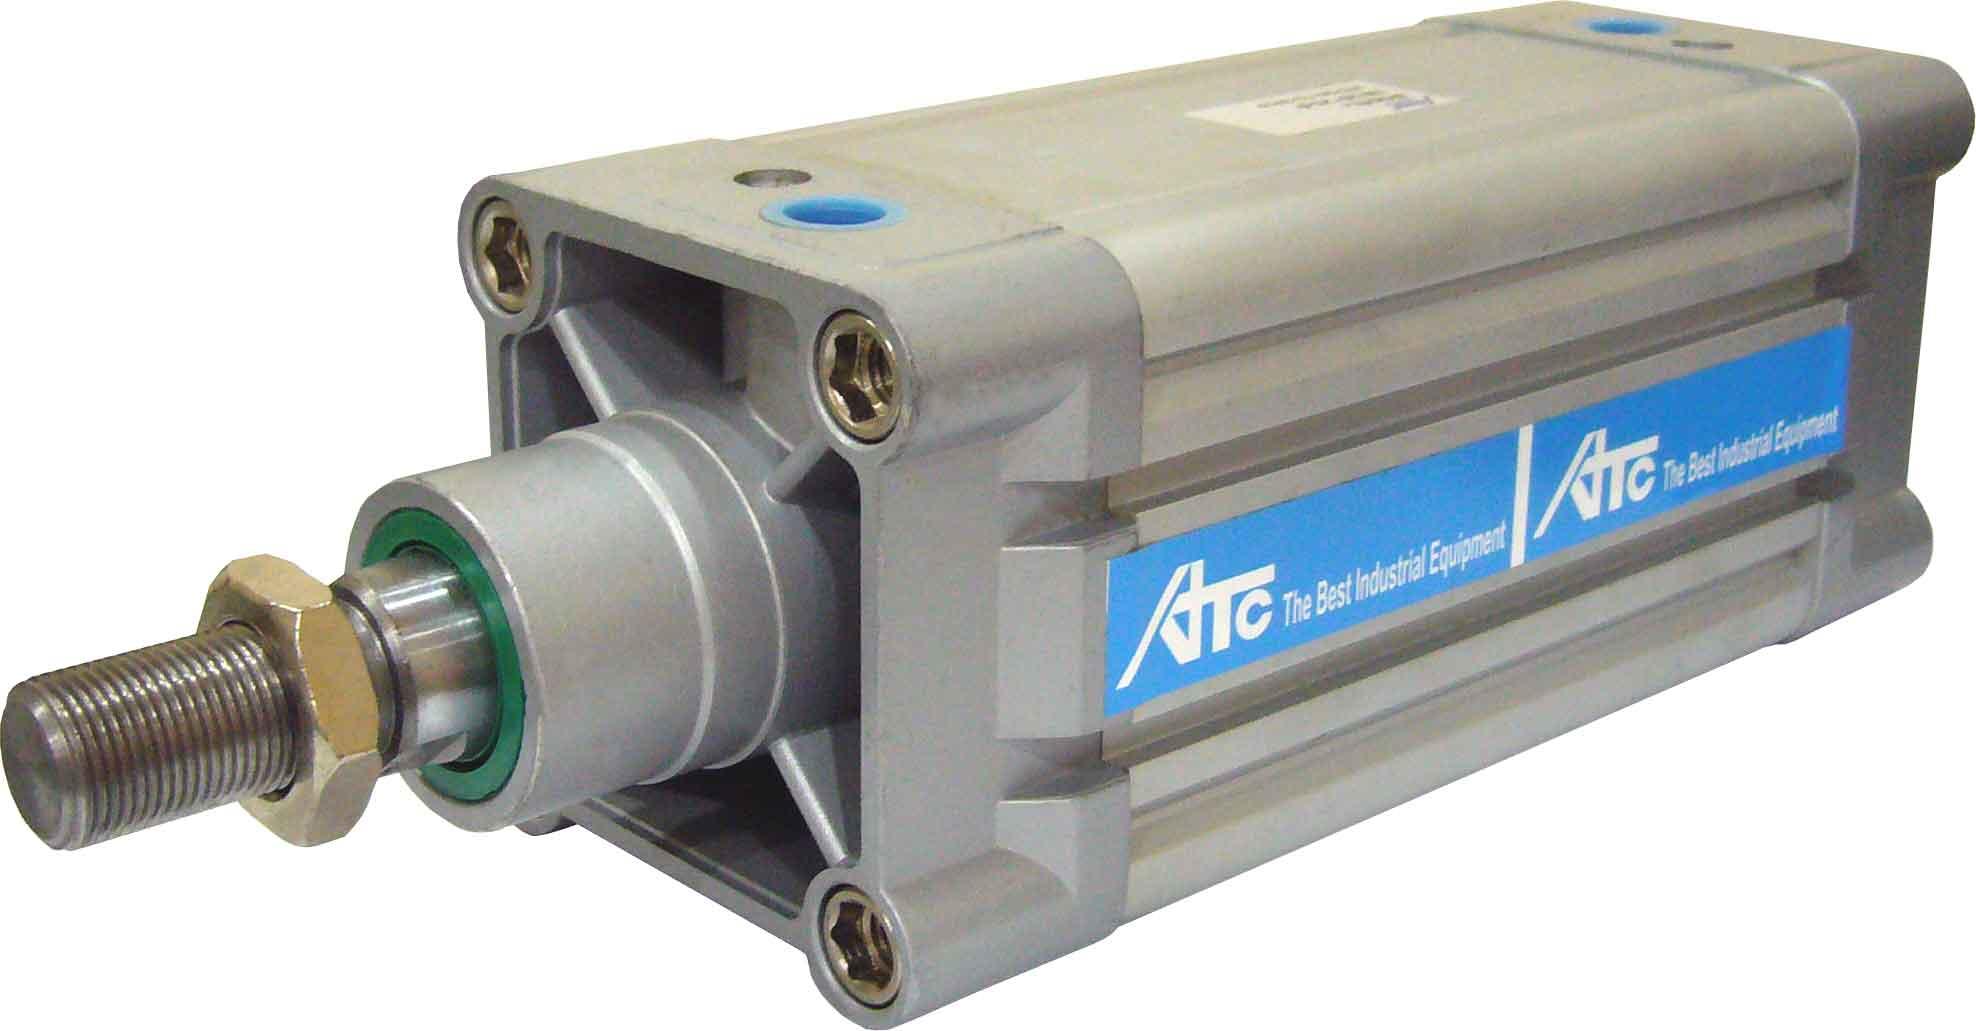 ISO6431 / VDMA Profile Cylinder (DNC DNCD DNCJ Series)